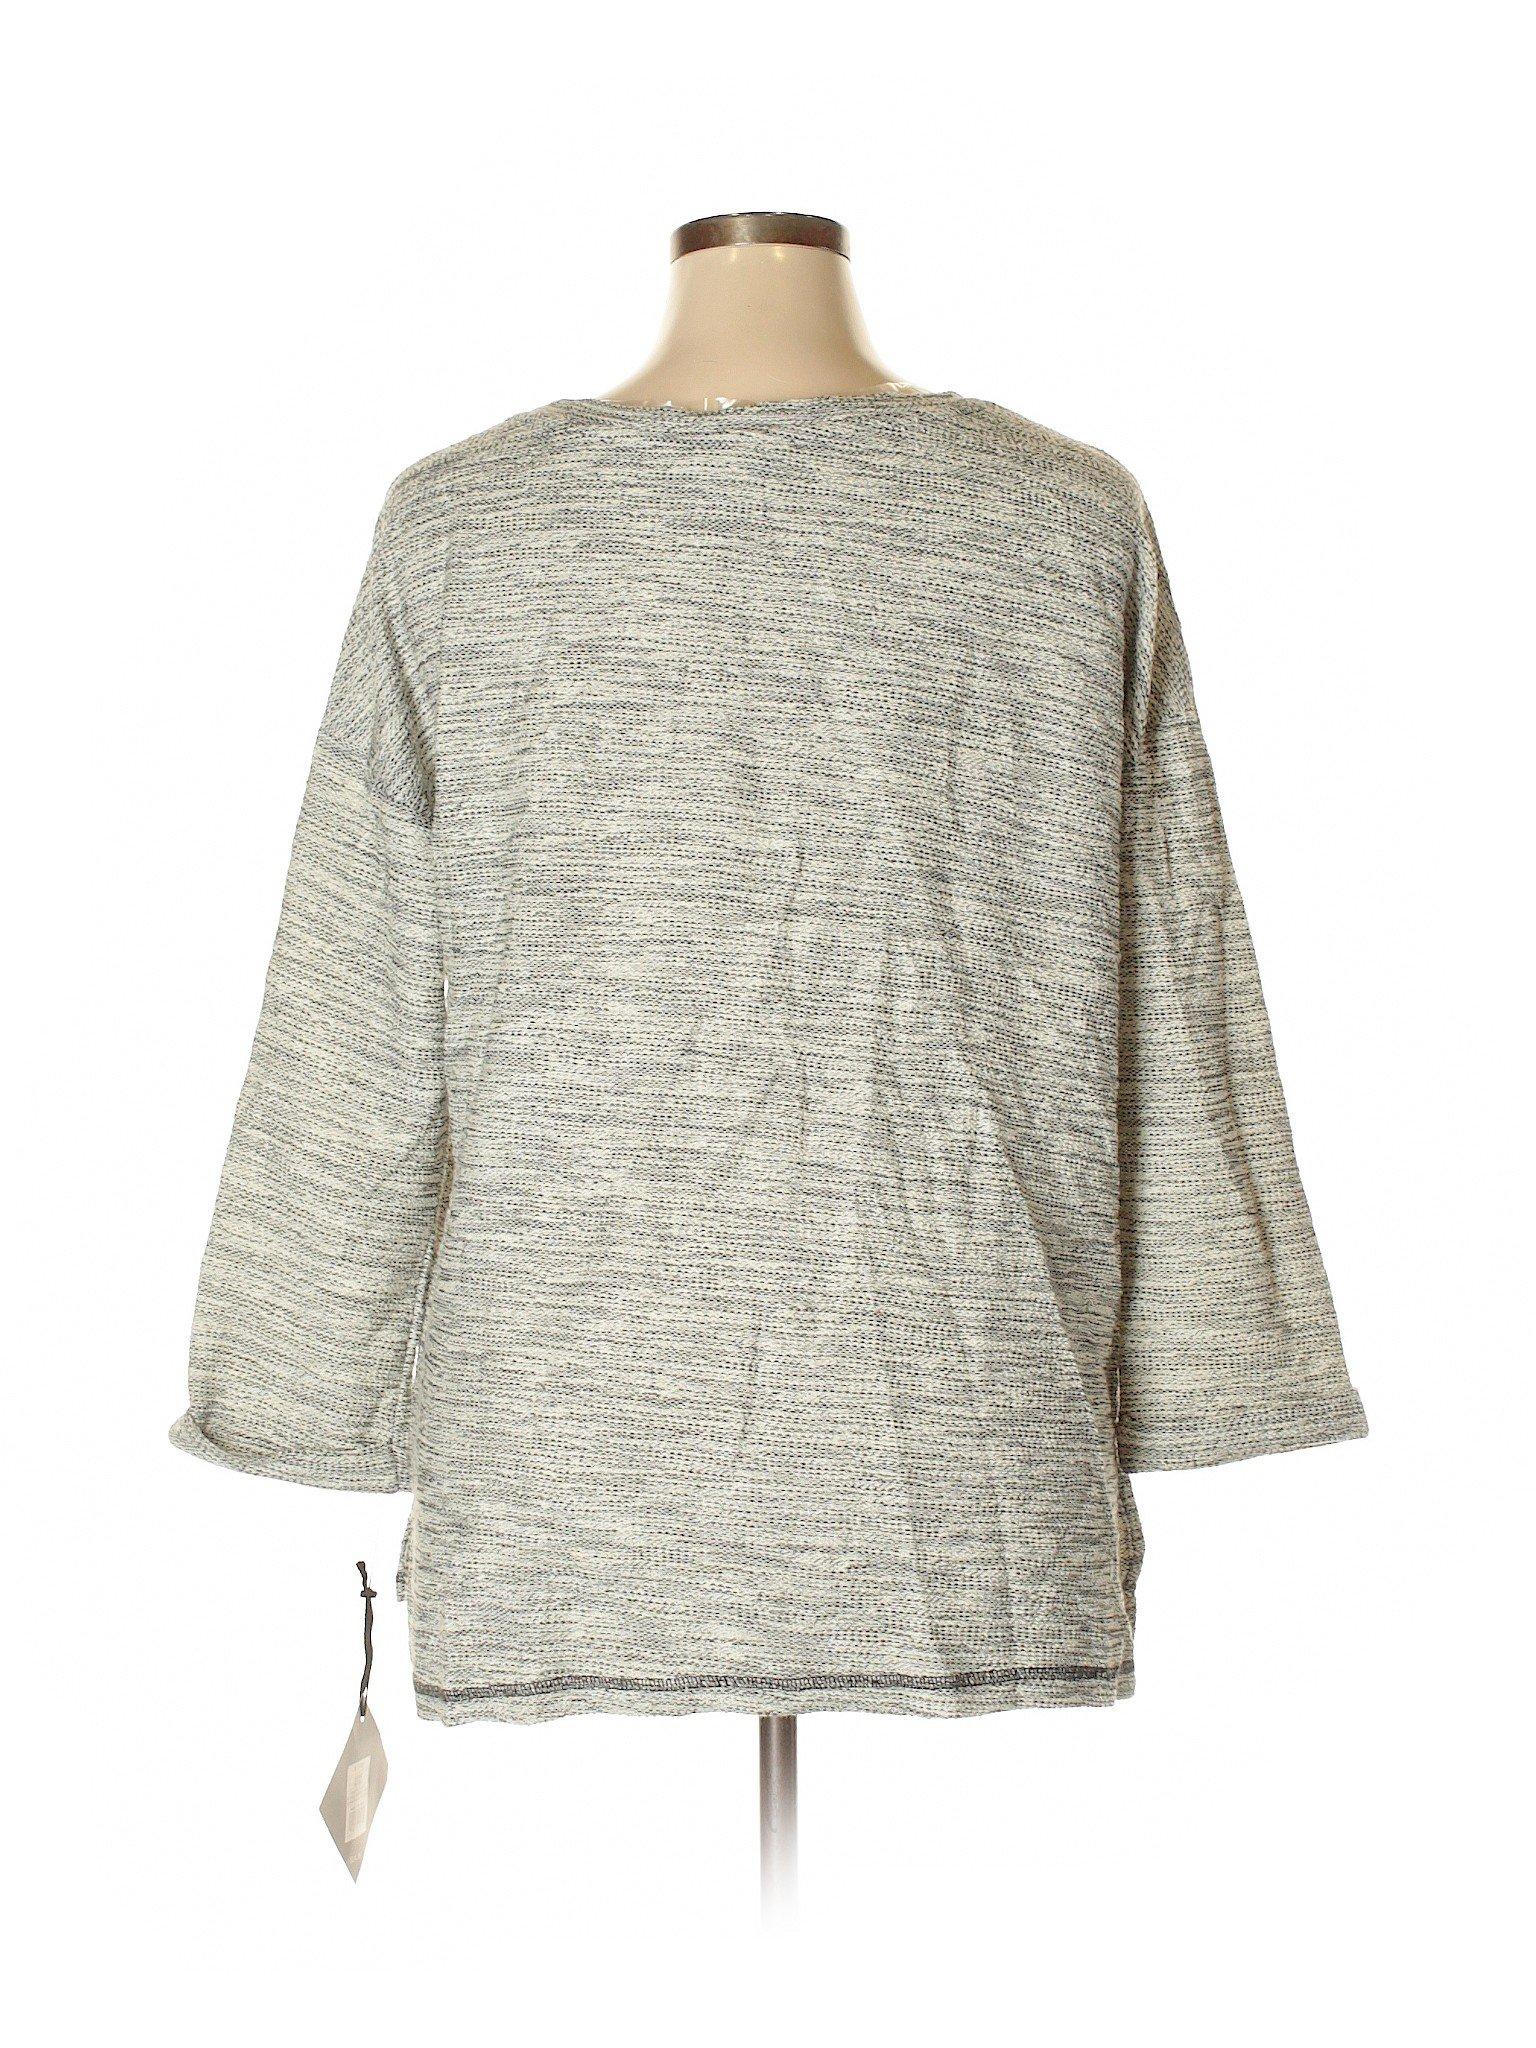 Pullover Sweater amp; Viv Ava Boutique 6xYpqAp